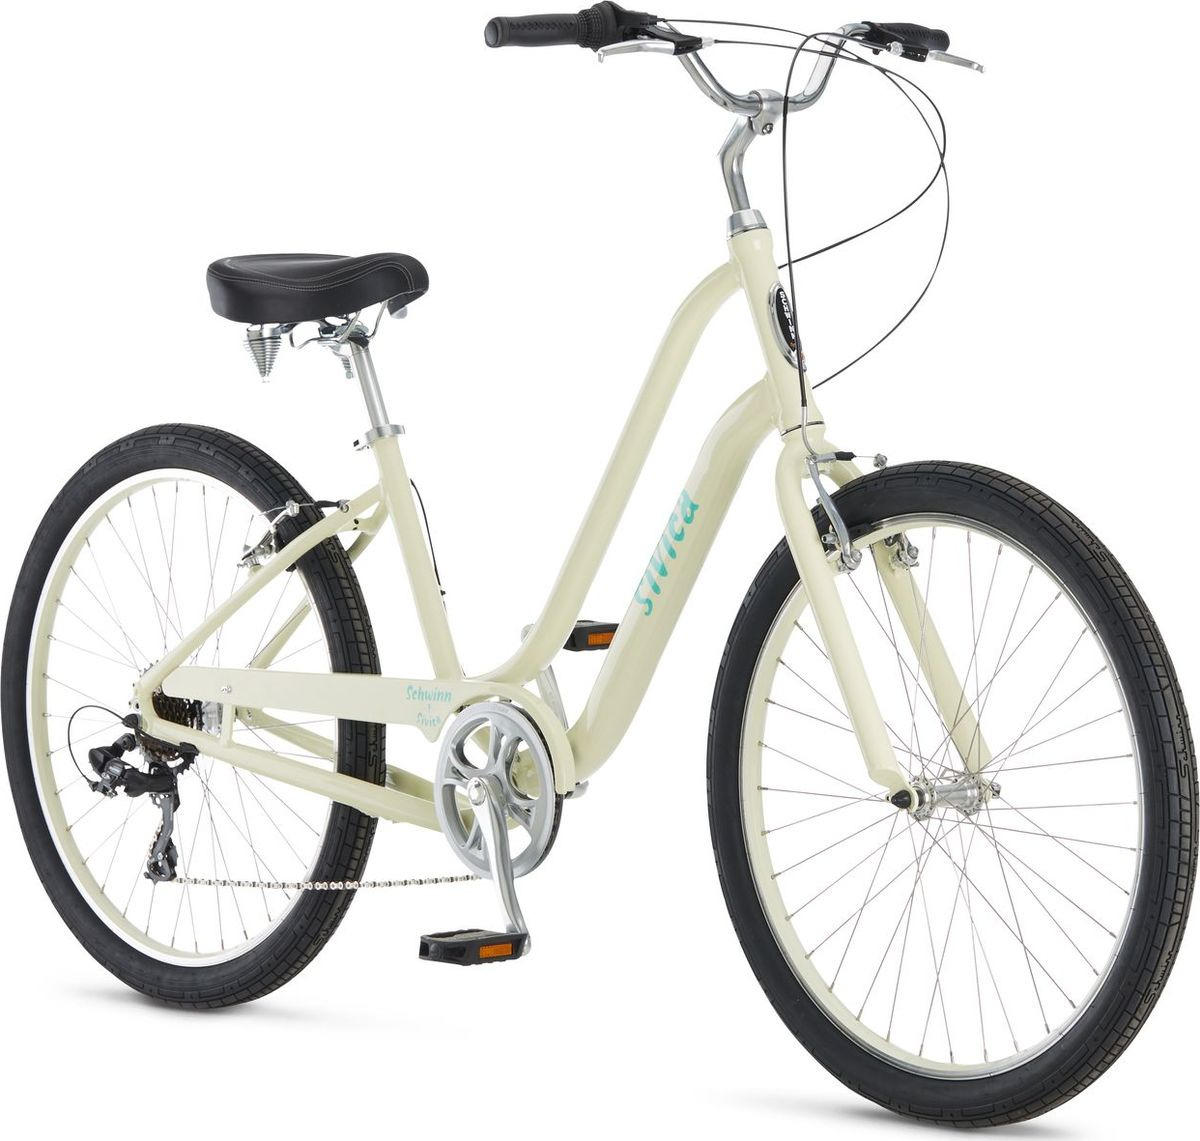 Велосипед городской Schwinn Sivica 7 Women, колесо 26, бежевый, 7 скоростей велосипед schwinn perla 7 2018